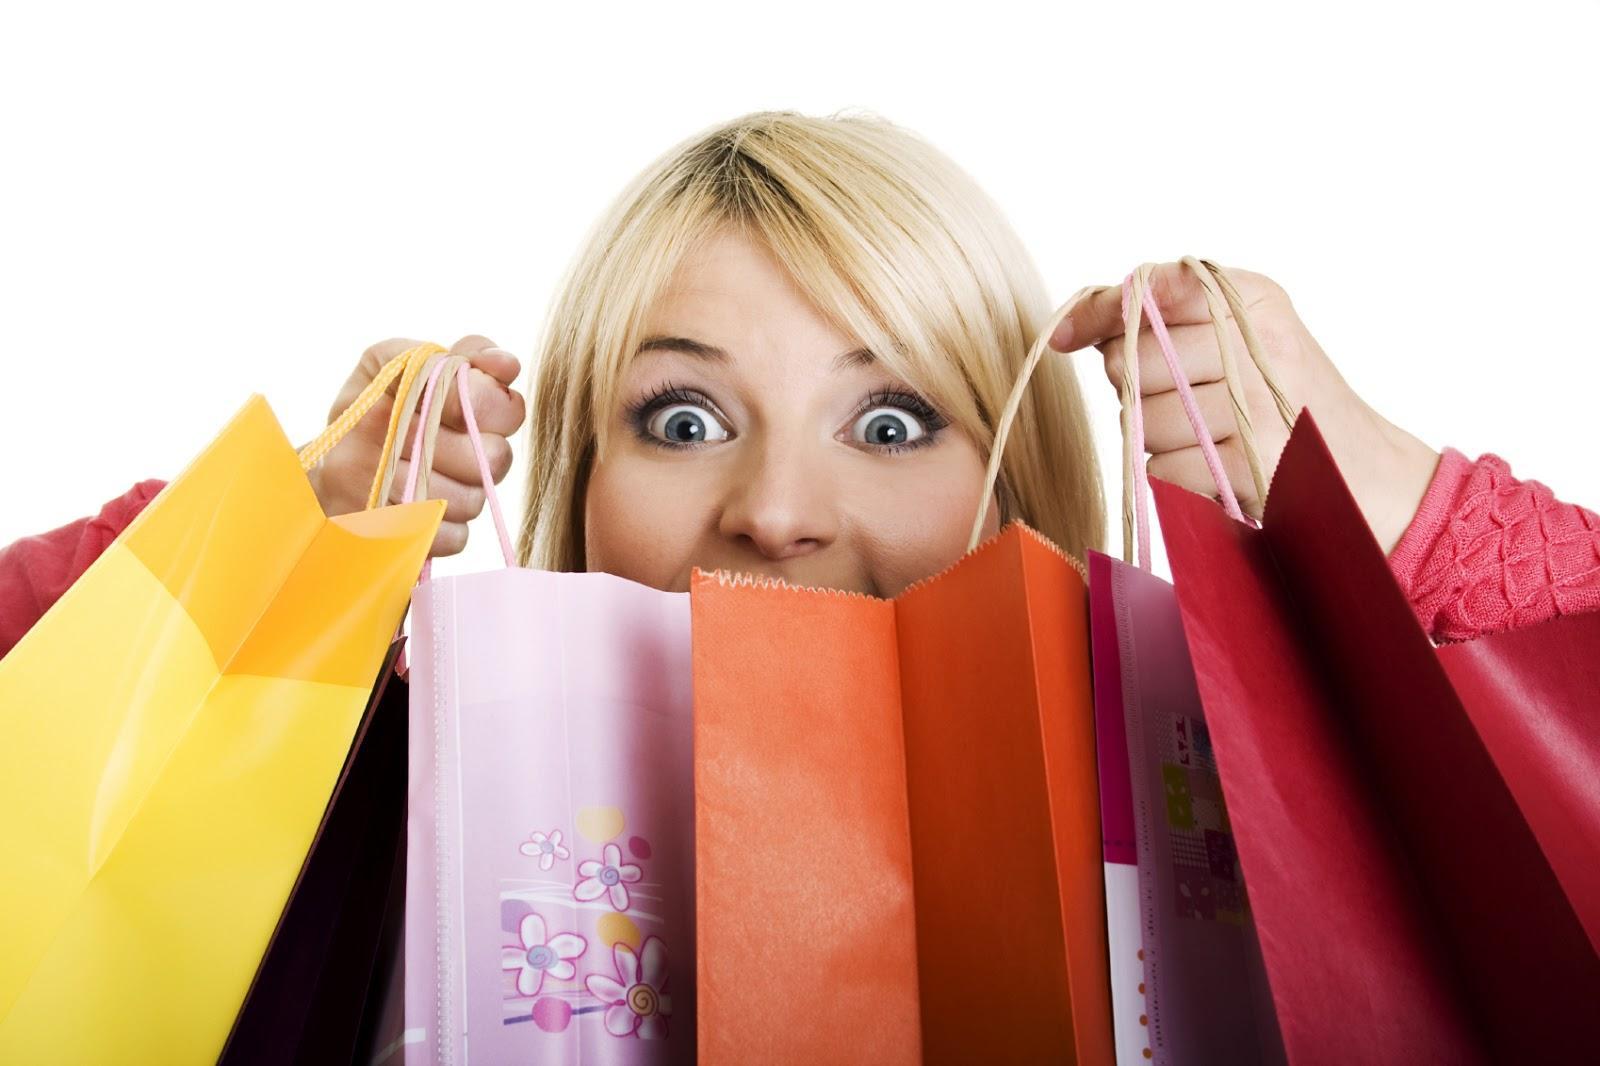 Какой товар купить: самый дешевый, самый «брендовый» или «лучшую покупку»?